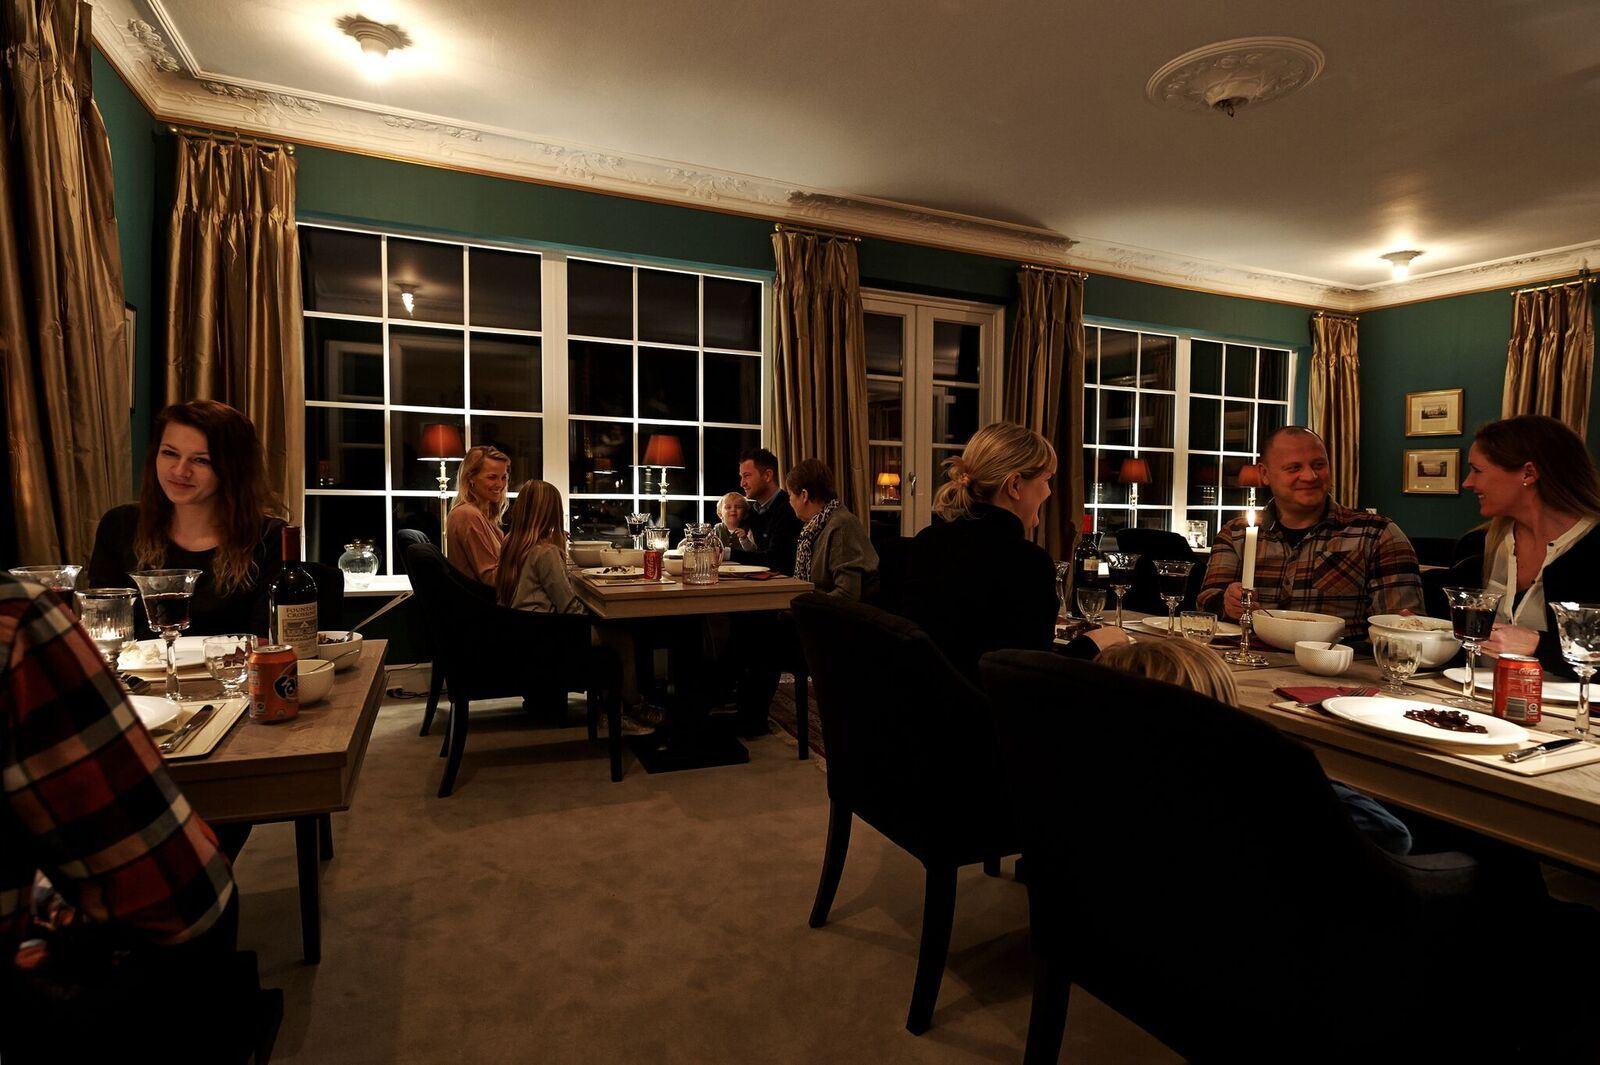 Sydhavsøernes Food Week: Restaurant MejeriGaarden - Middag